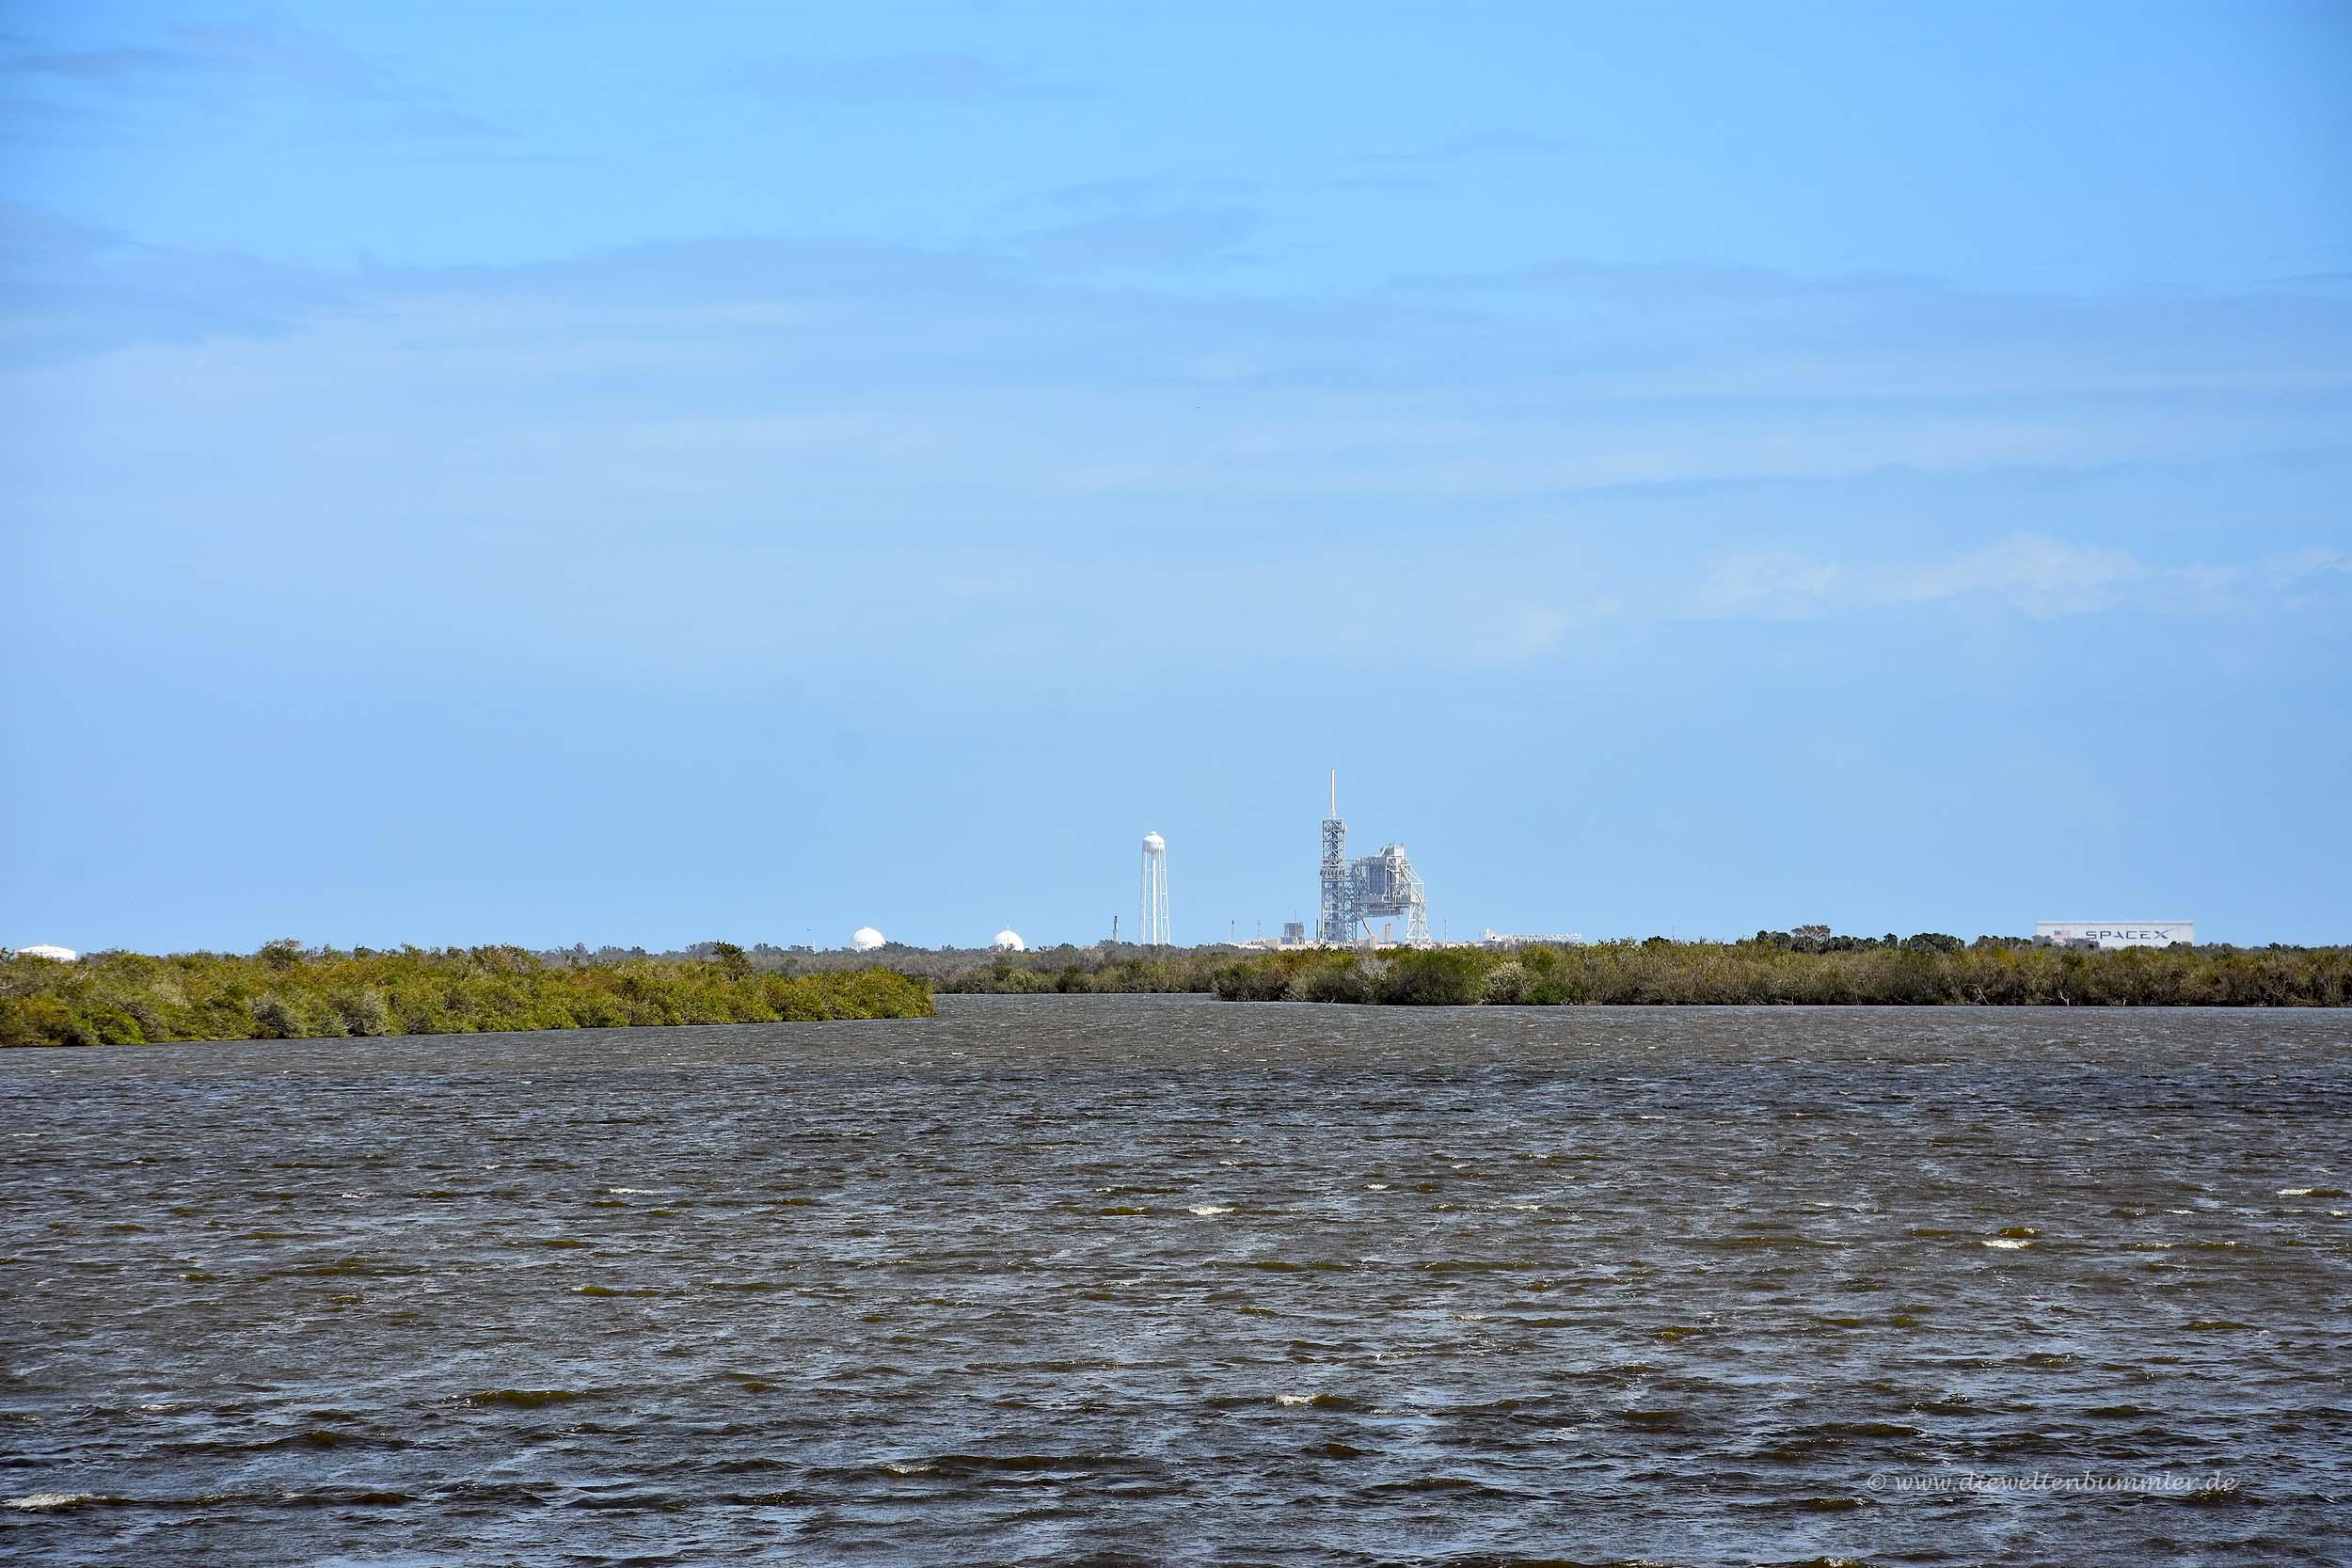 Startkomplex für Apollomissionen und Space Shuttle